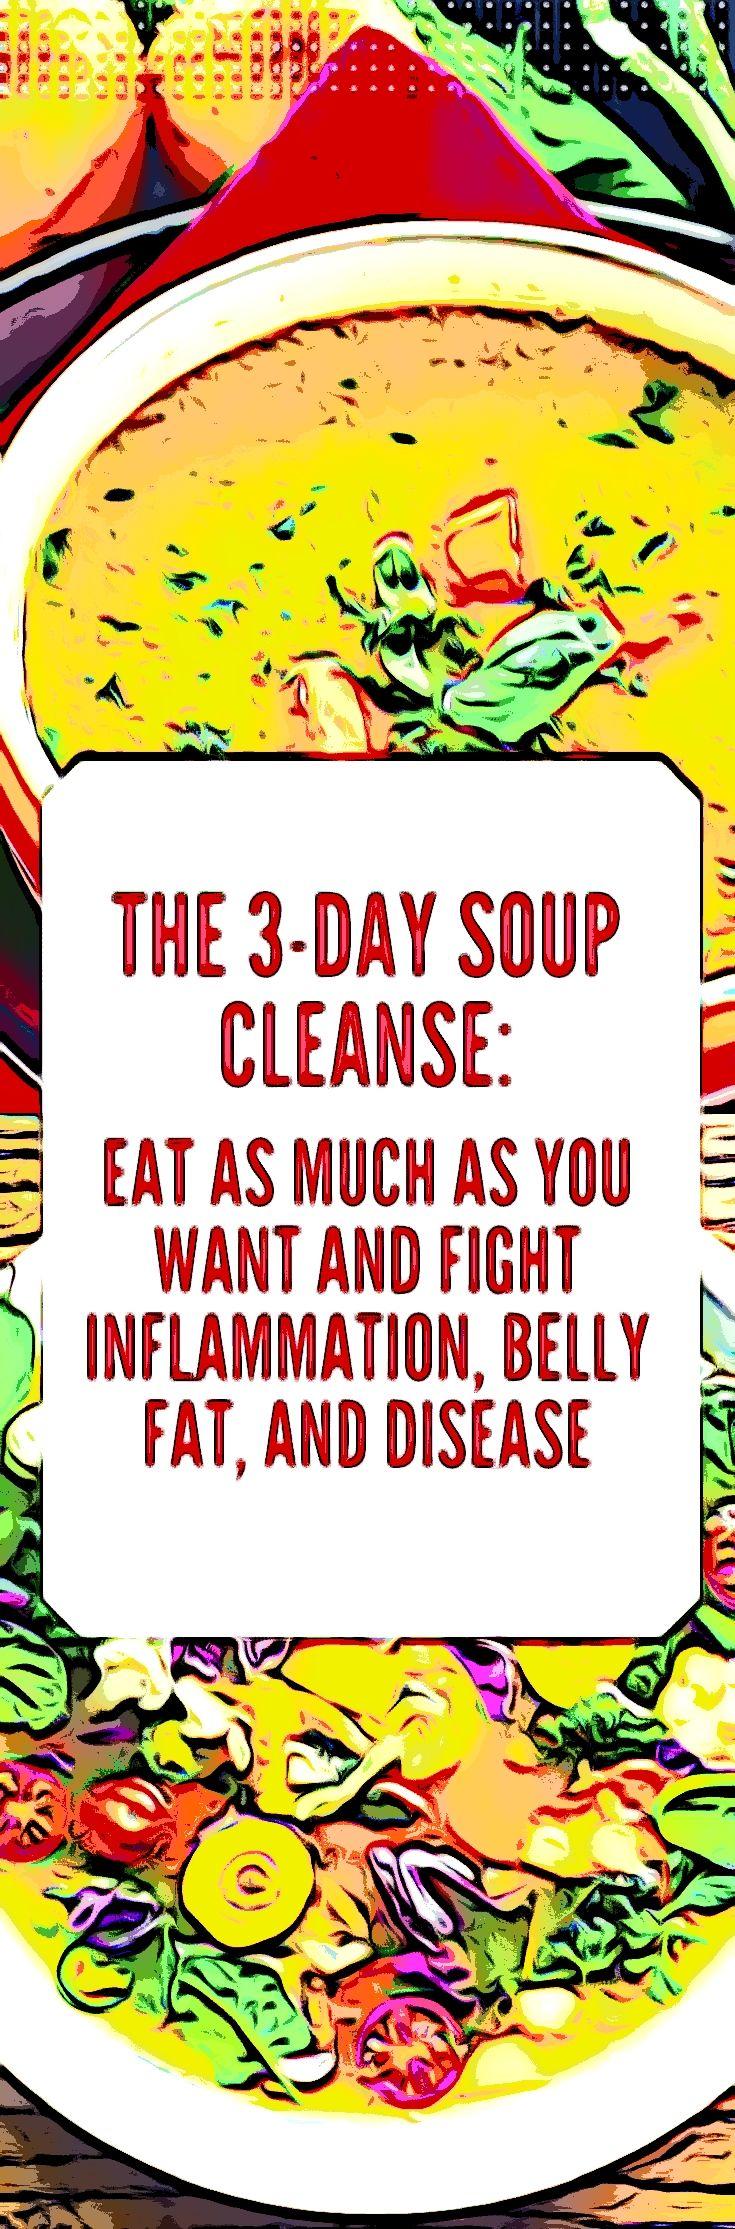 Die 3-tägige Suppenreinigung: Essen Sie so viel Sie wollen und bekämpfen Sie Entzündungen, Bauchfett und Krankheiten   – Health & Fitness